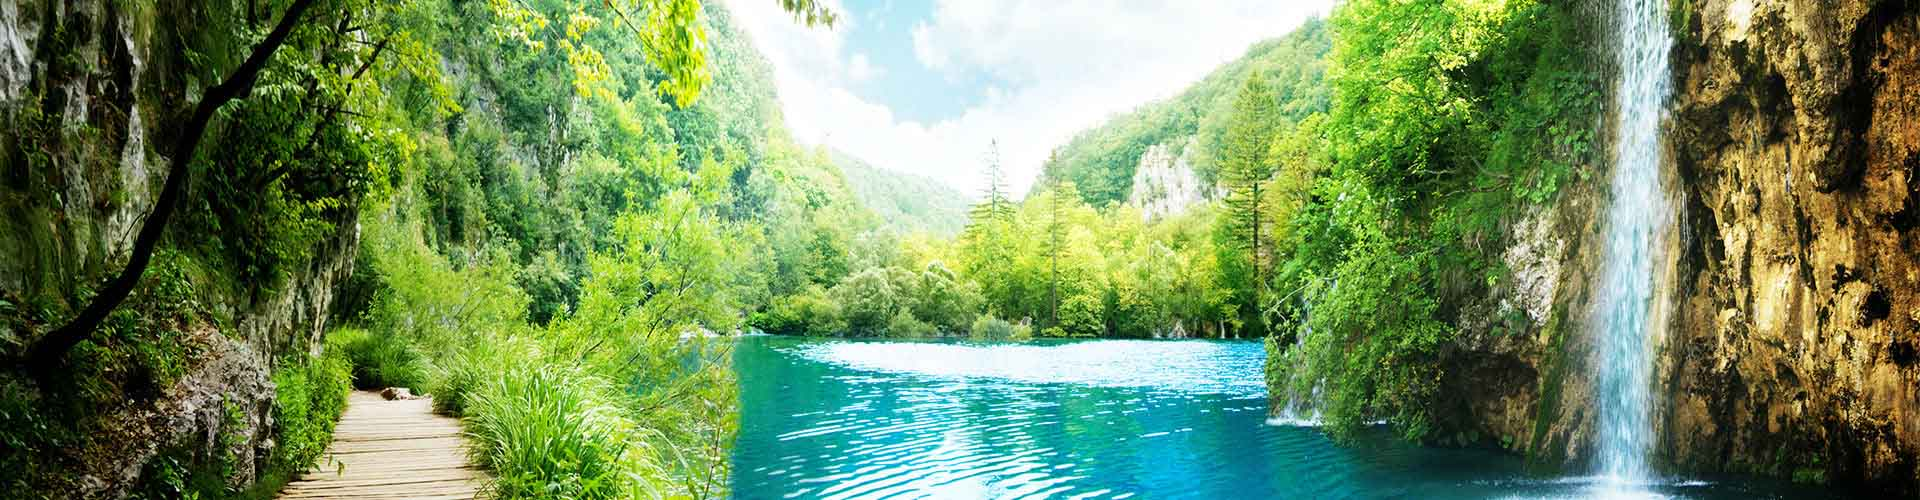 Plitvice Lakes - Camping à Plitvice Lakes. Cartes pour Plitvice Lakes, photos et commentaires pour chaque Camping à Plitvice Lakes.